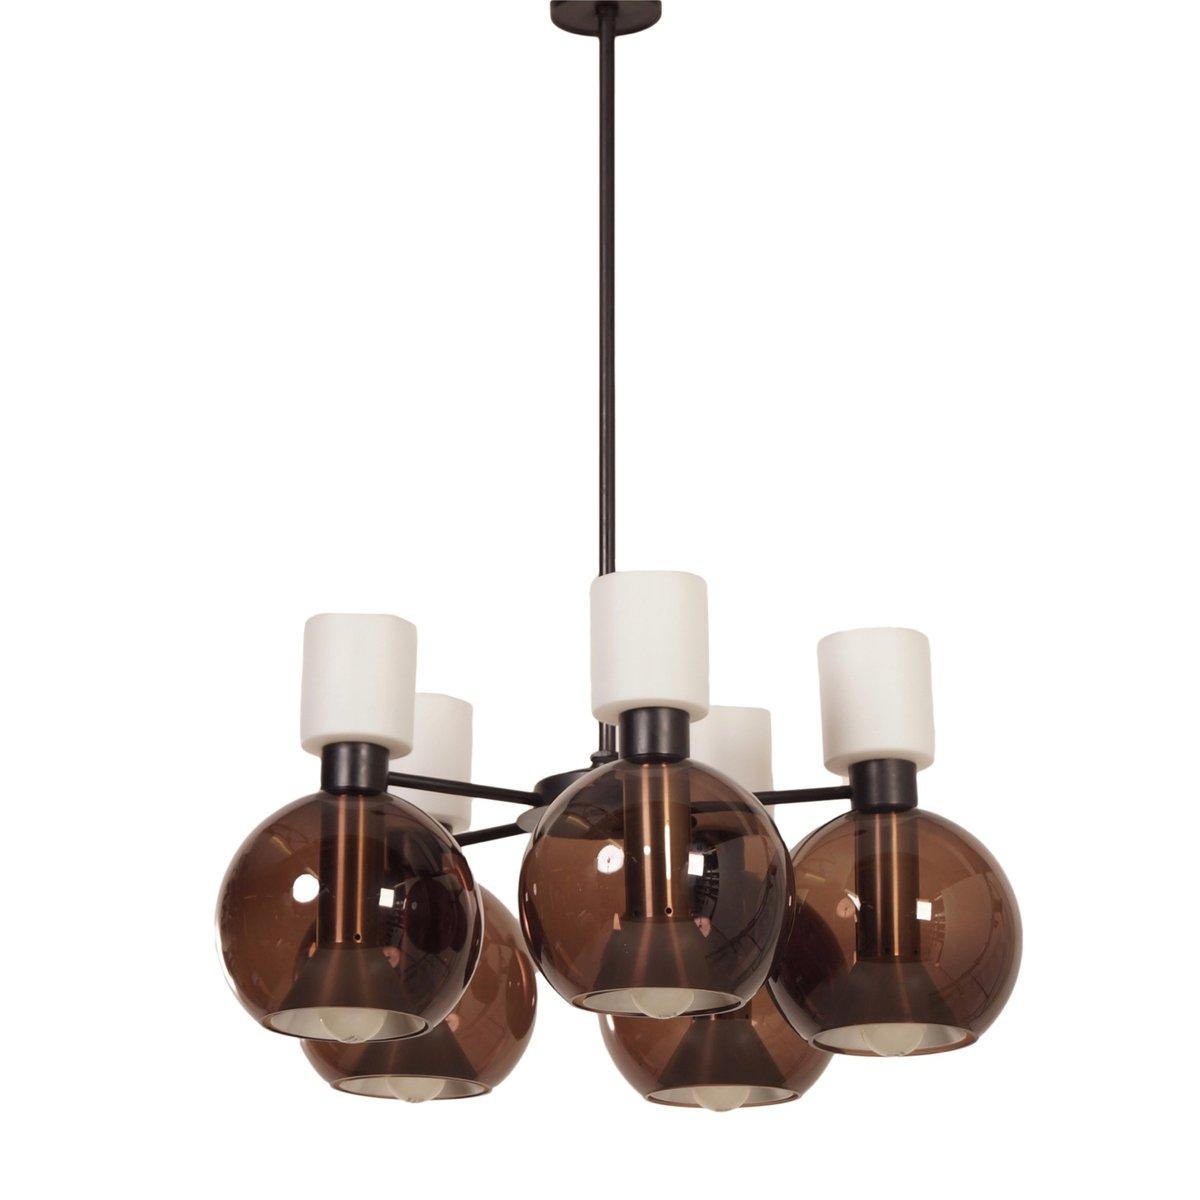 Kronleuchter aus glas mit f nf kugeln von raak 1960er transpan - Glas mit kugeln dekorieren ...